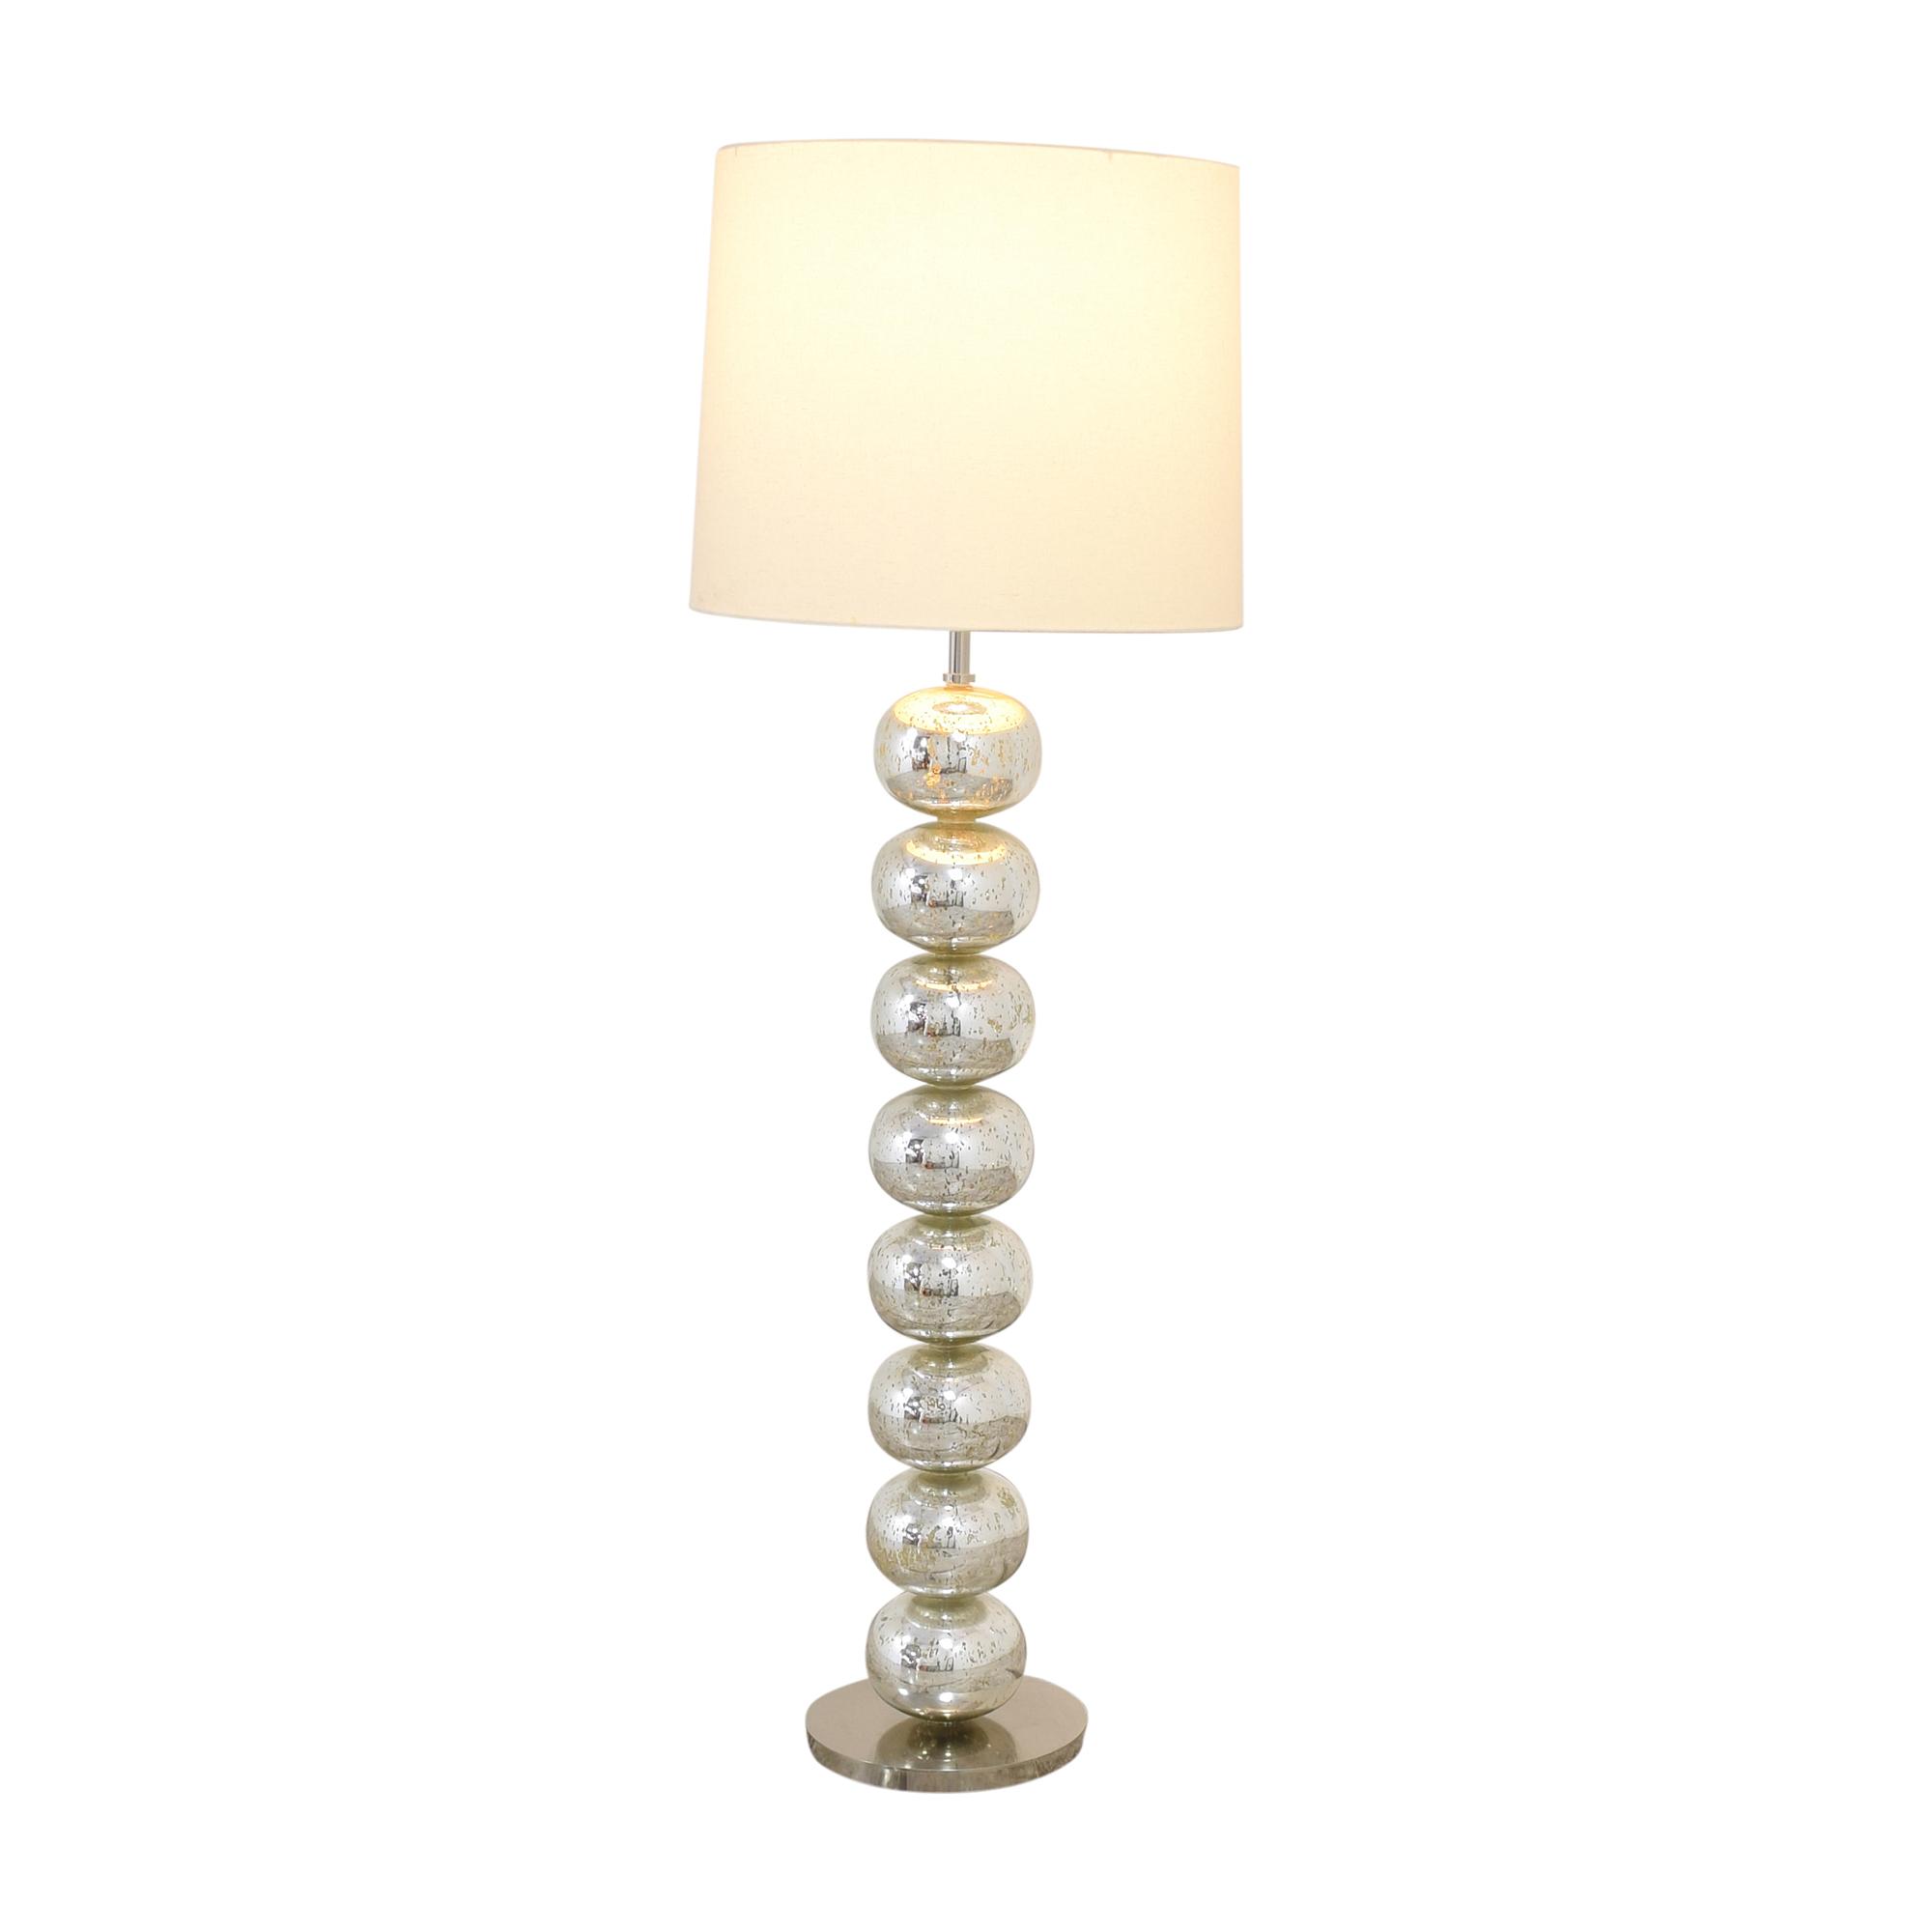 West Elm West Elm Abacus Floor Lamp on sale